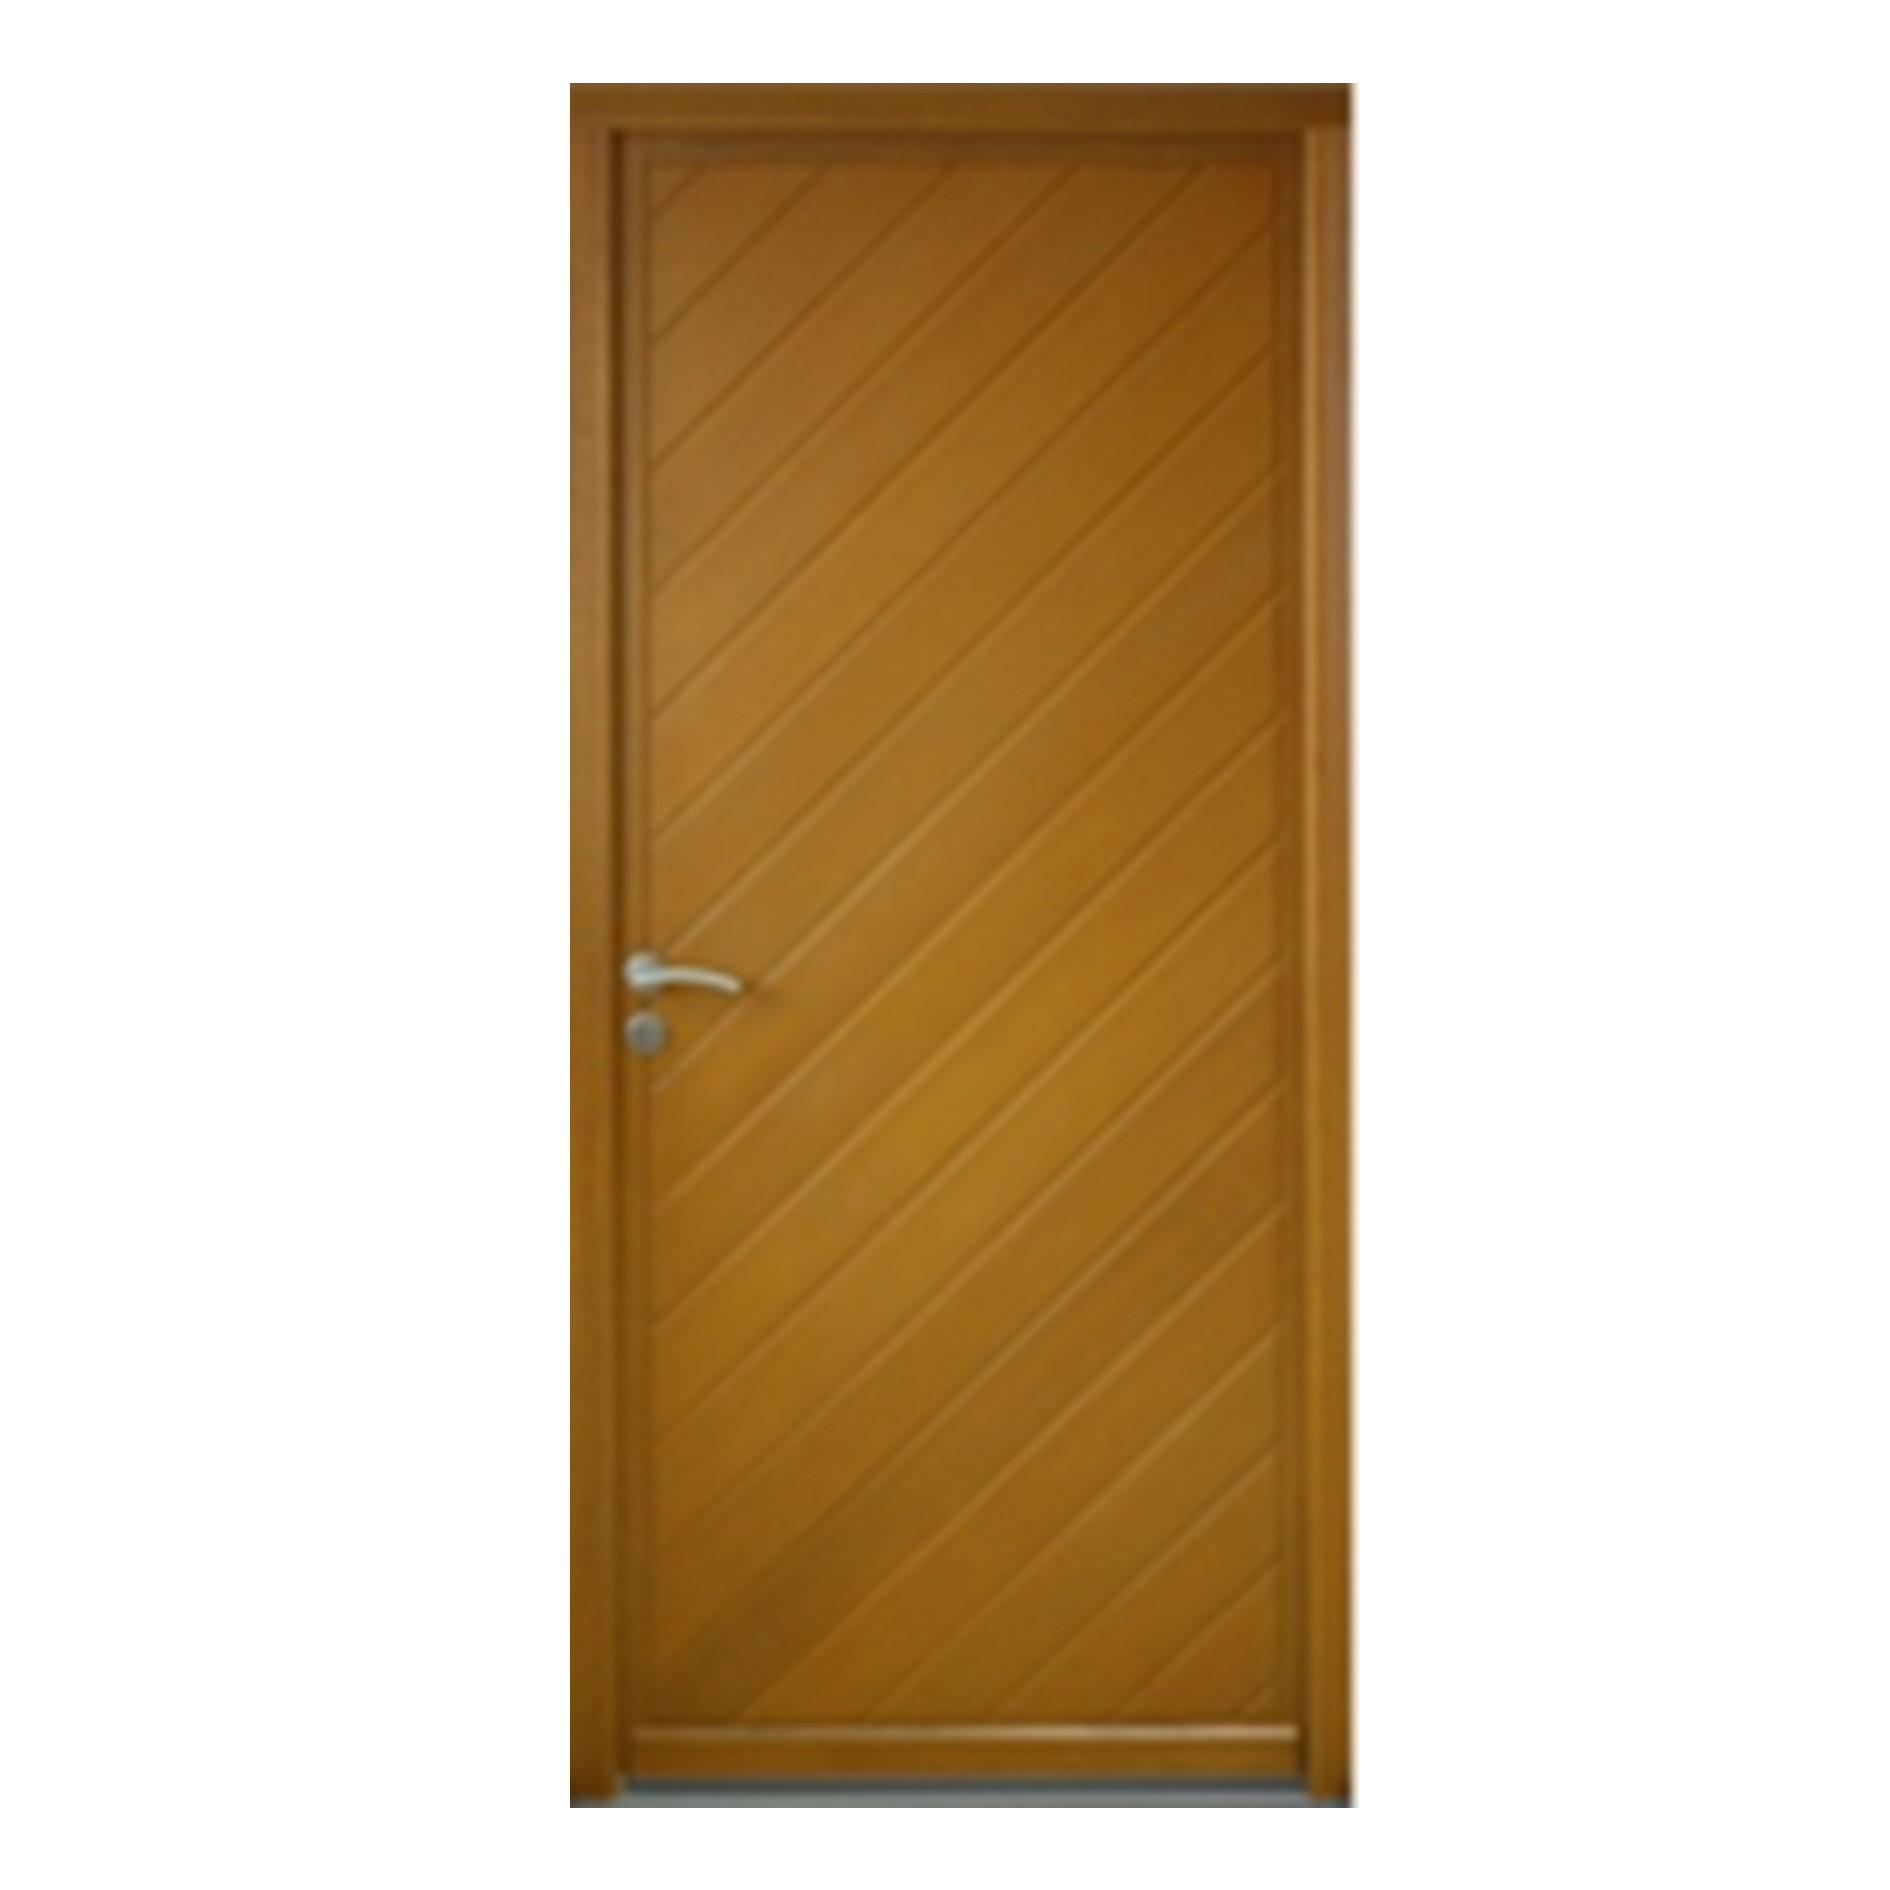 Porte d 39 entr e gauche bois exotique meranti mod le l2 215 x 90cm brevon - Destockage bois exotique ...